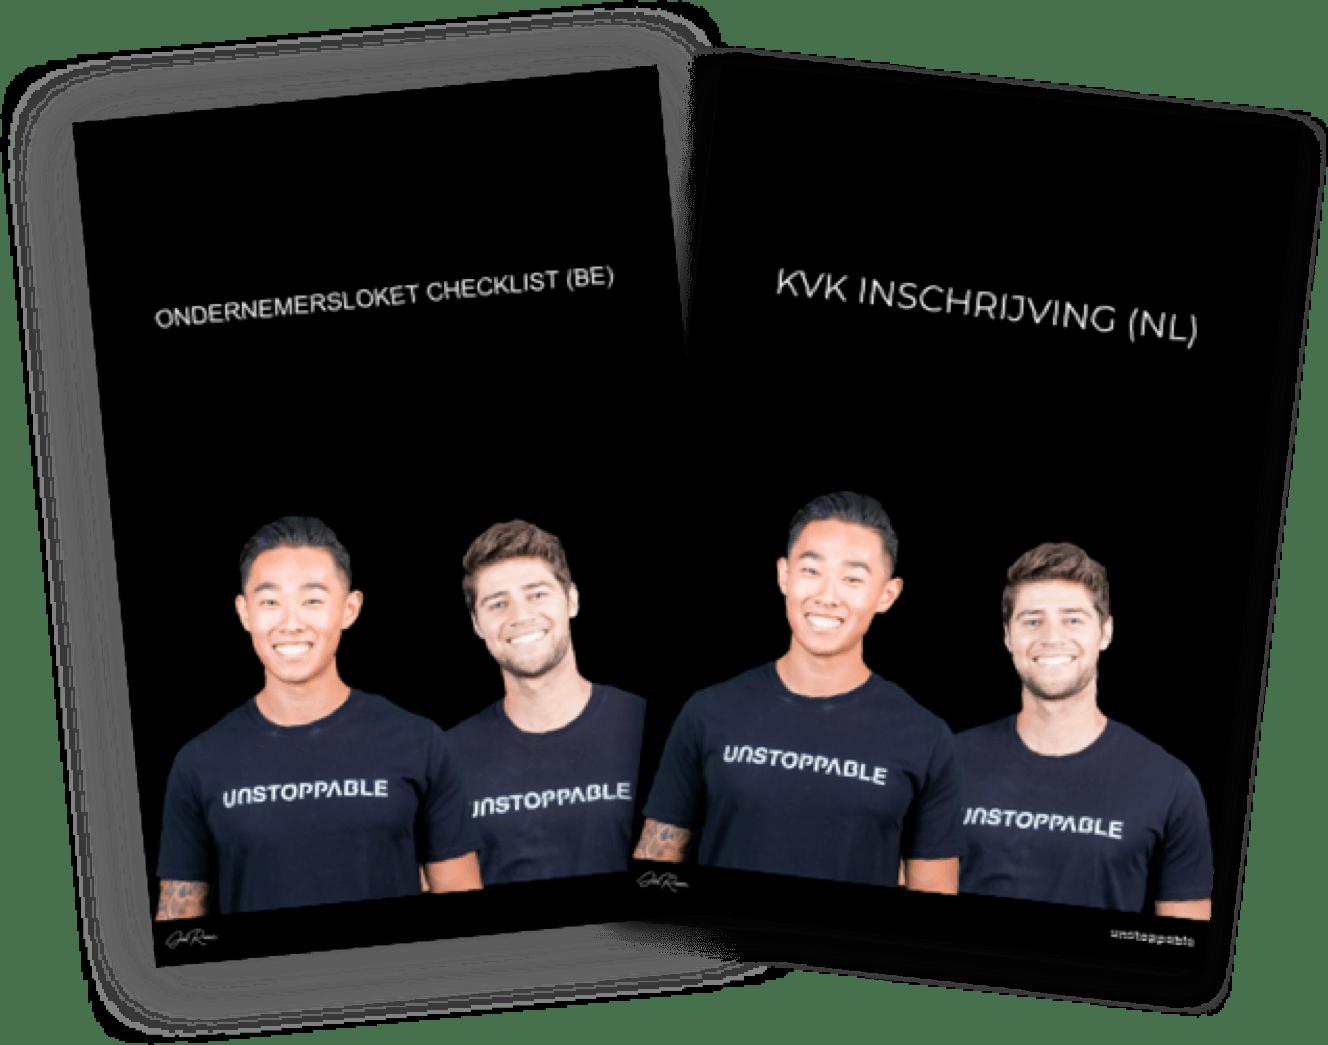 kvk-ondernemersloket-checklist